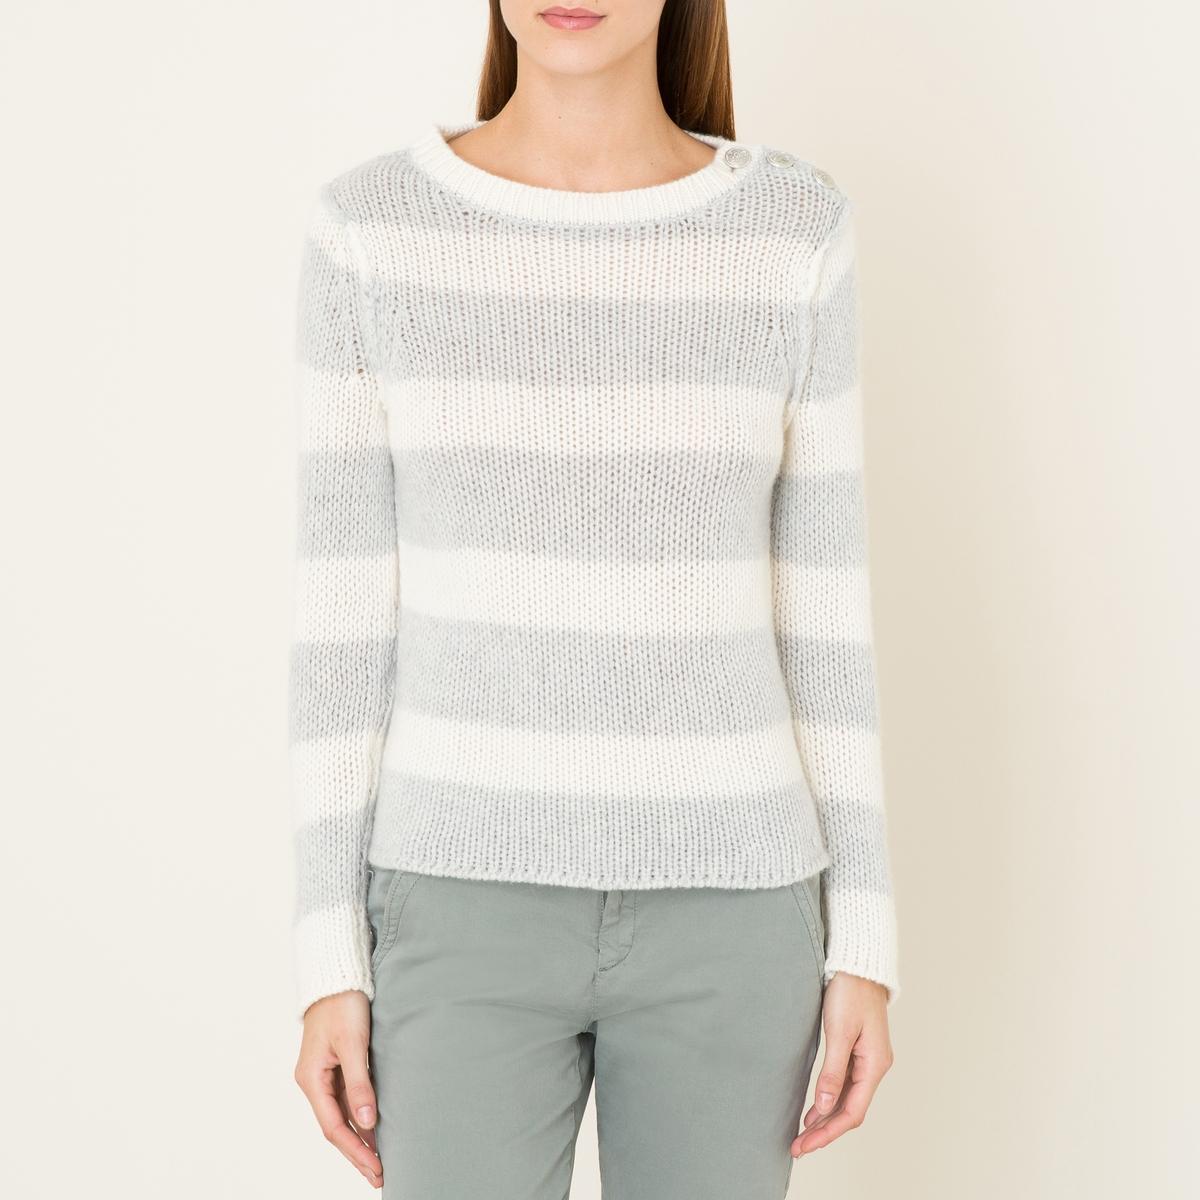 Пуловер JOSSПуловер BERENICE - модель JOSS, из кашемира крупной вязки, с рисунком в полоску. Вырез-лодочка. 3 гравированные металлические пуговицы на плече.Состав и описание    Материал : 100% кашемир   Марка : BERENICE<br><br>Цвет: серый меланж